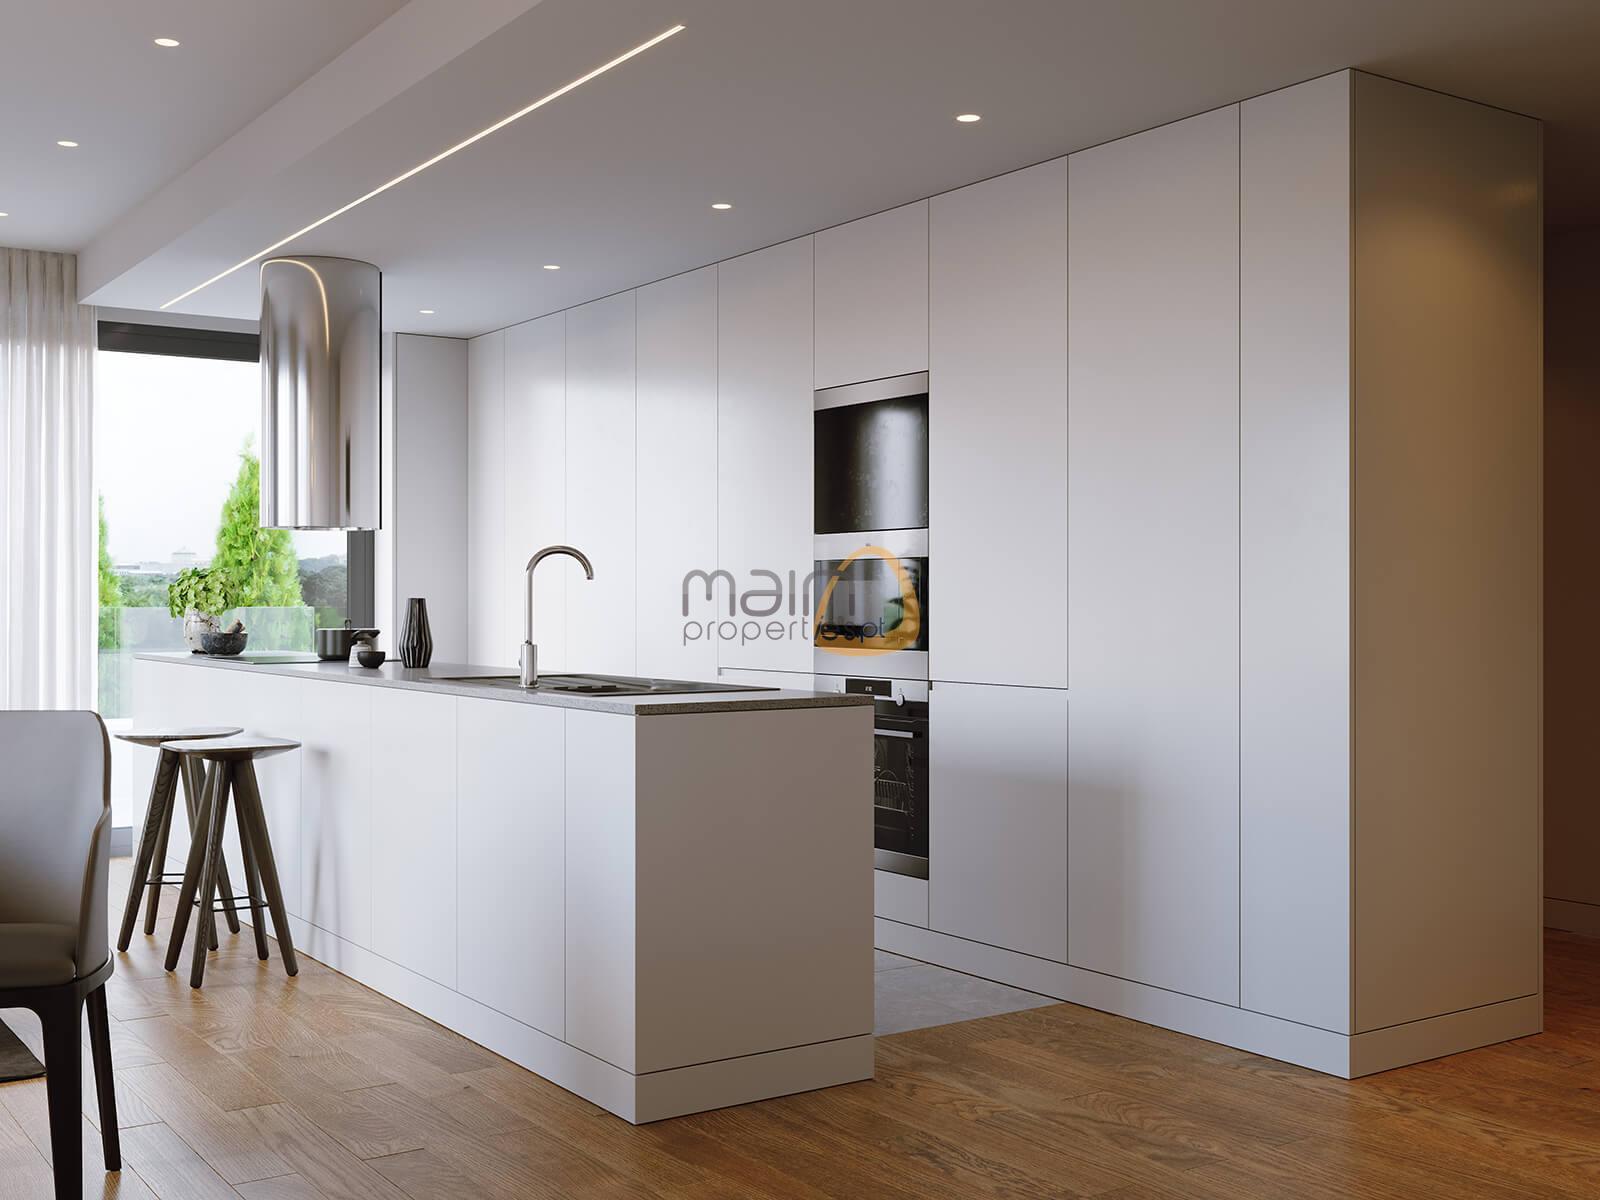 Cozinha_1_2